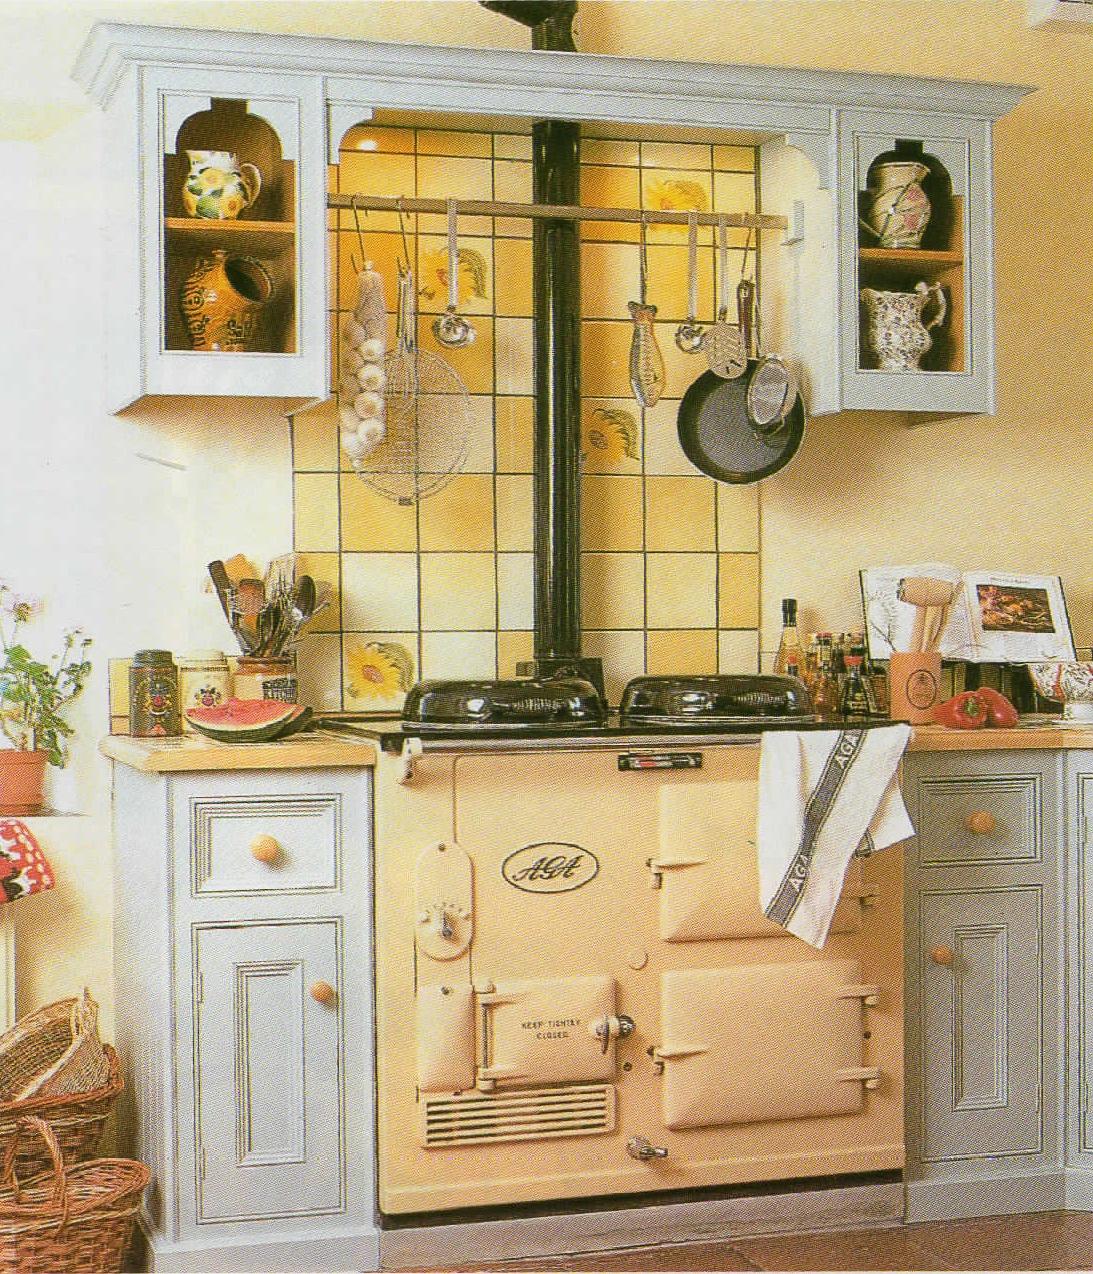 Disenyoss decoracion con el encanto de la tradicion - Cocinas con encanto ...